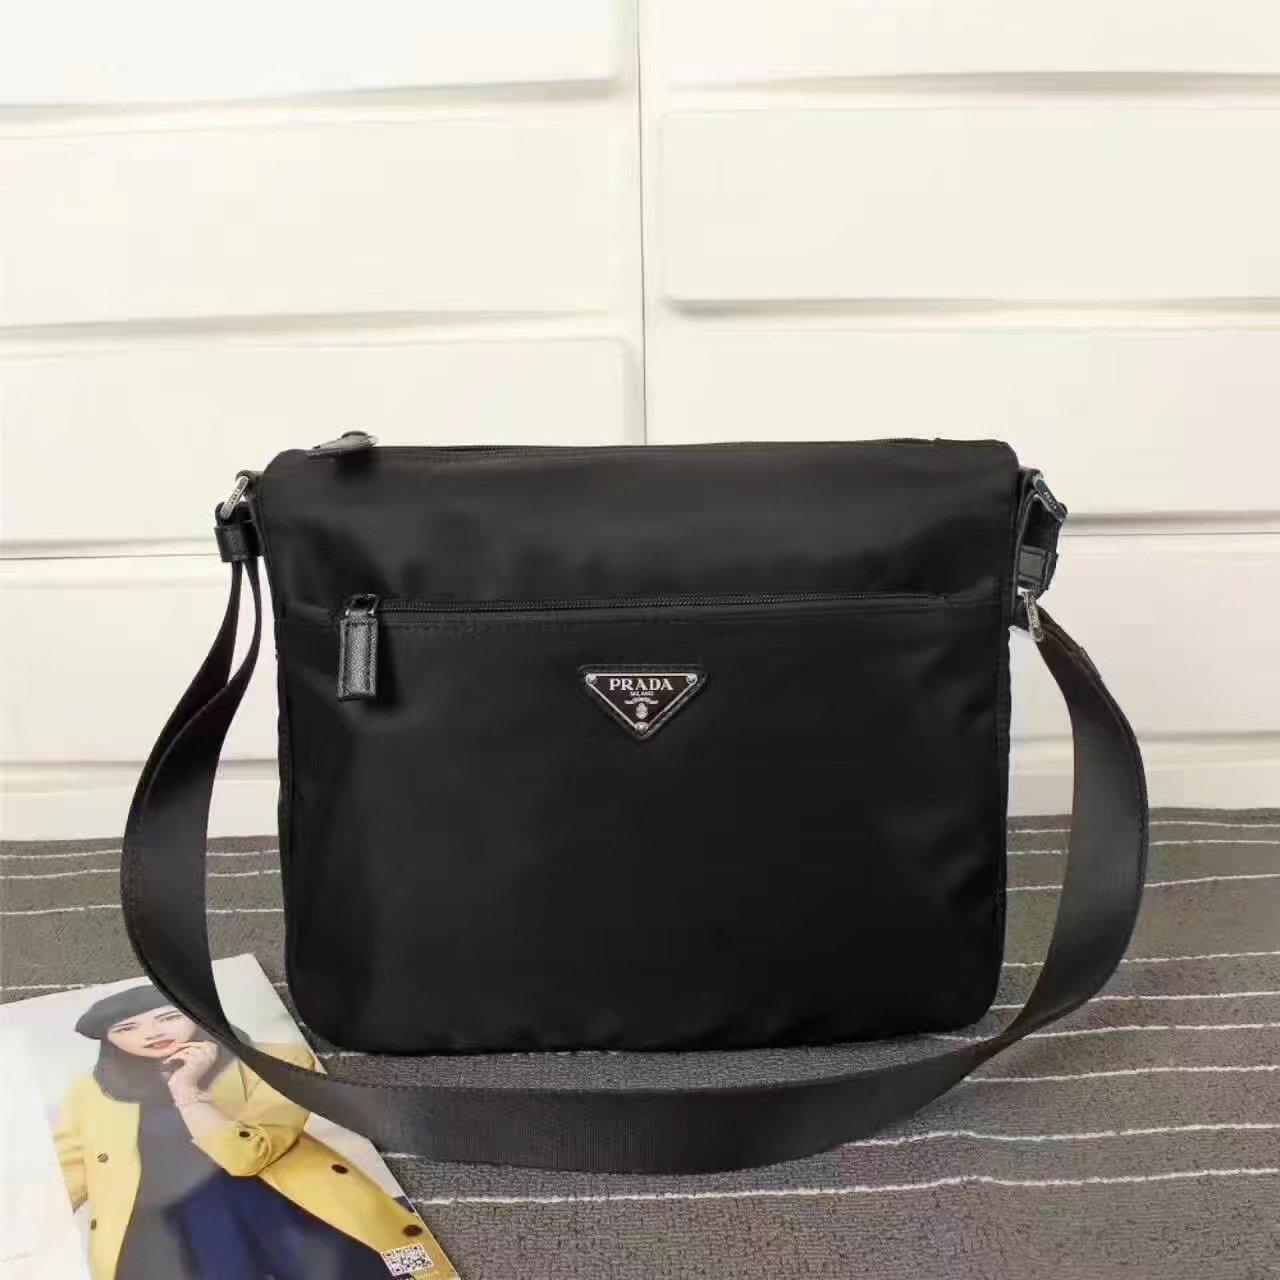 Prada 0421 Men Nylon Messenger Bag